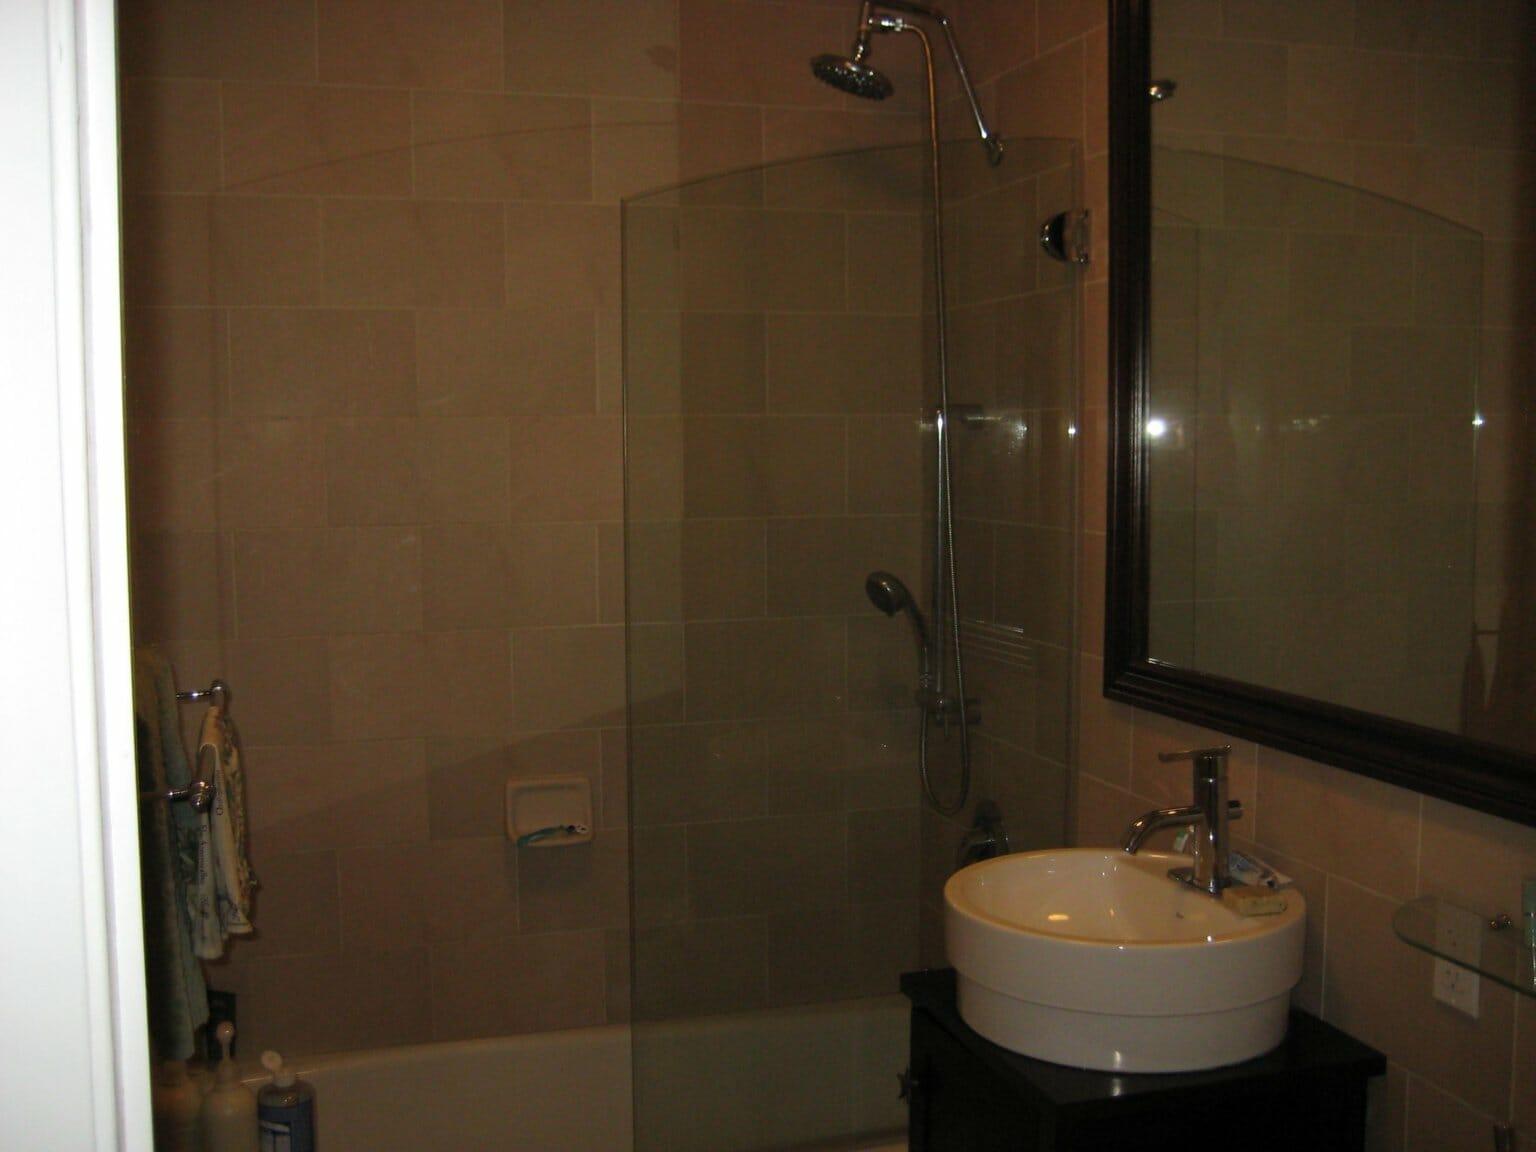 Phòng tắm không nhận được ánh sáng tự nhiên trông tối tăm, cũ kỹ và thiếu sức sống.